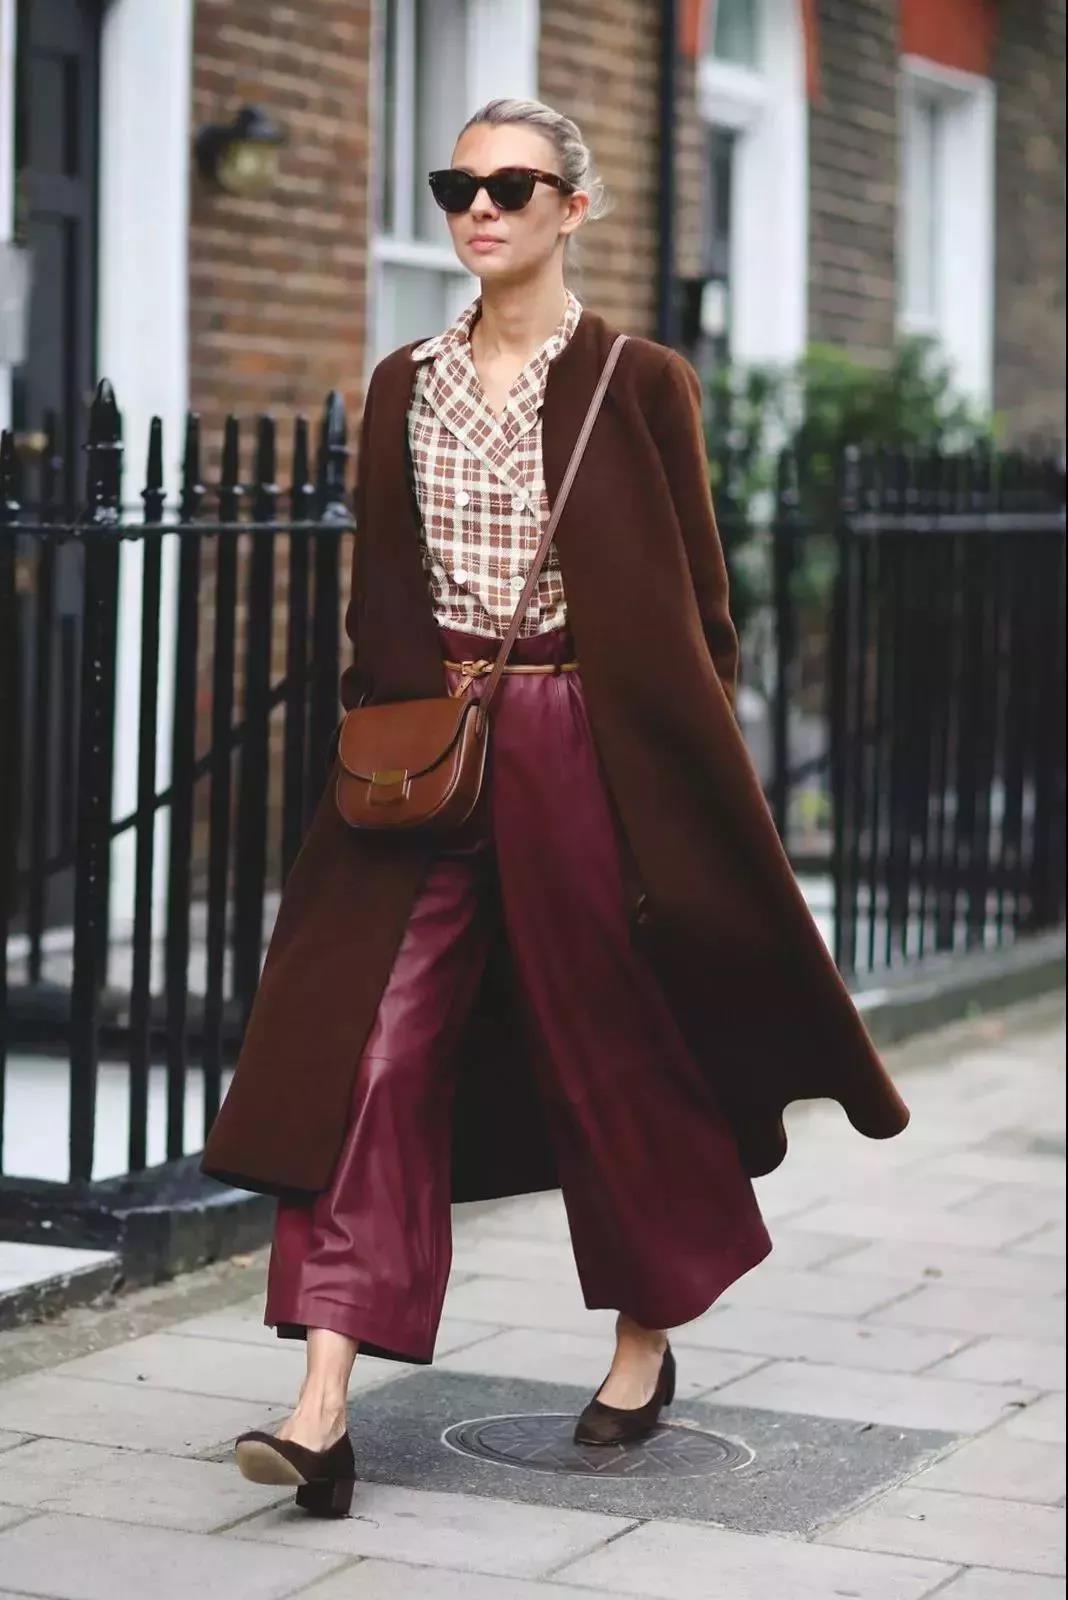 cool burgundy chaparejos for fashion-forward girls